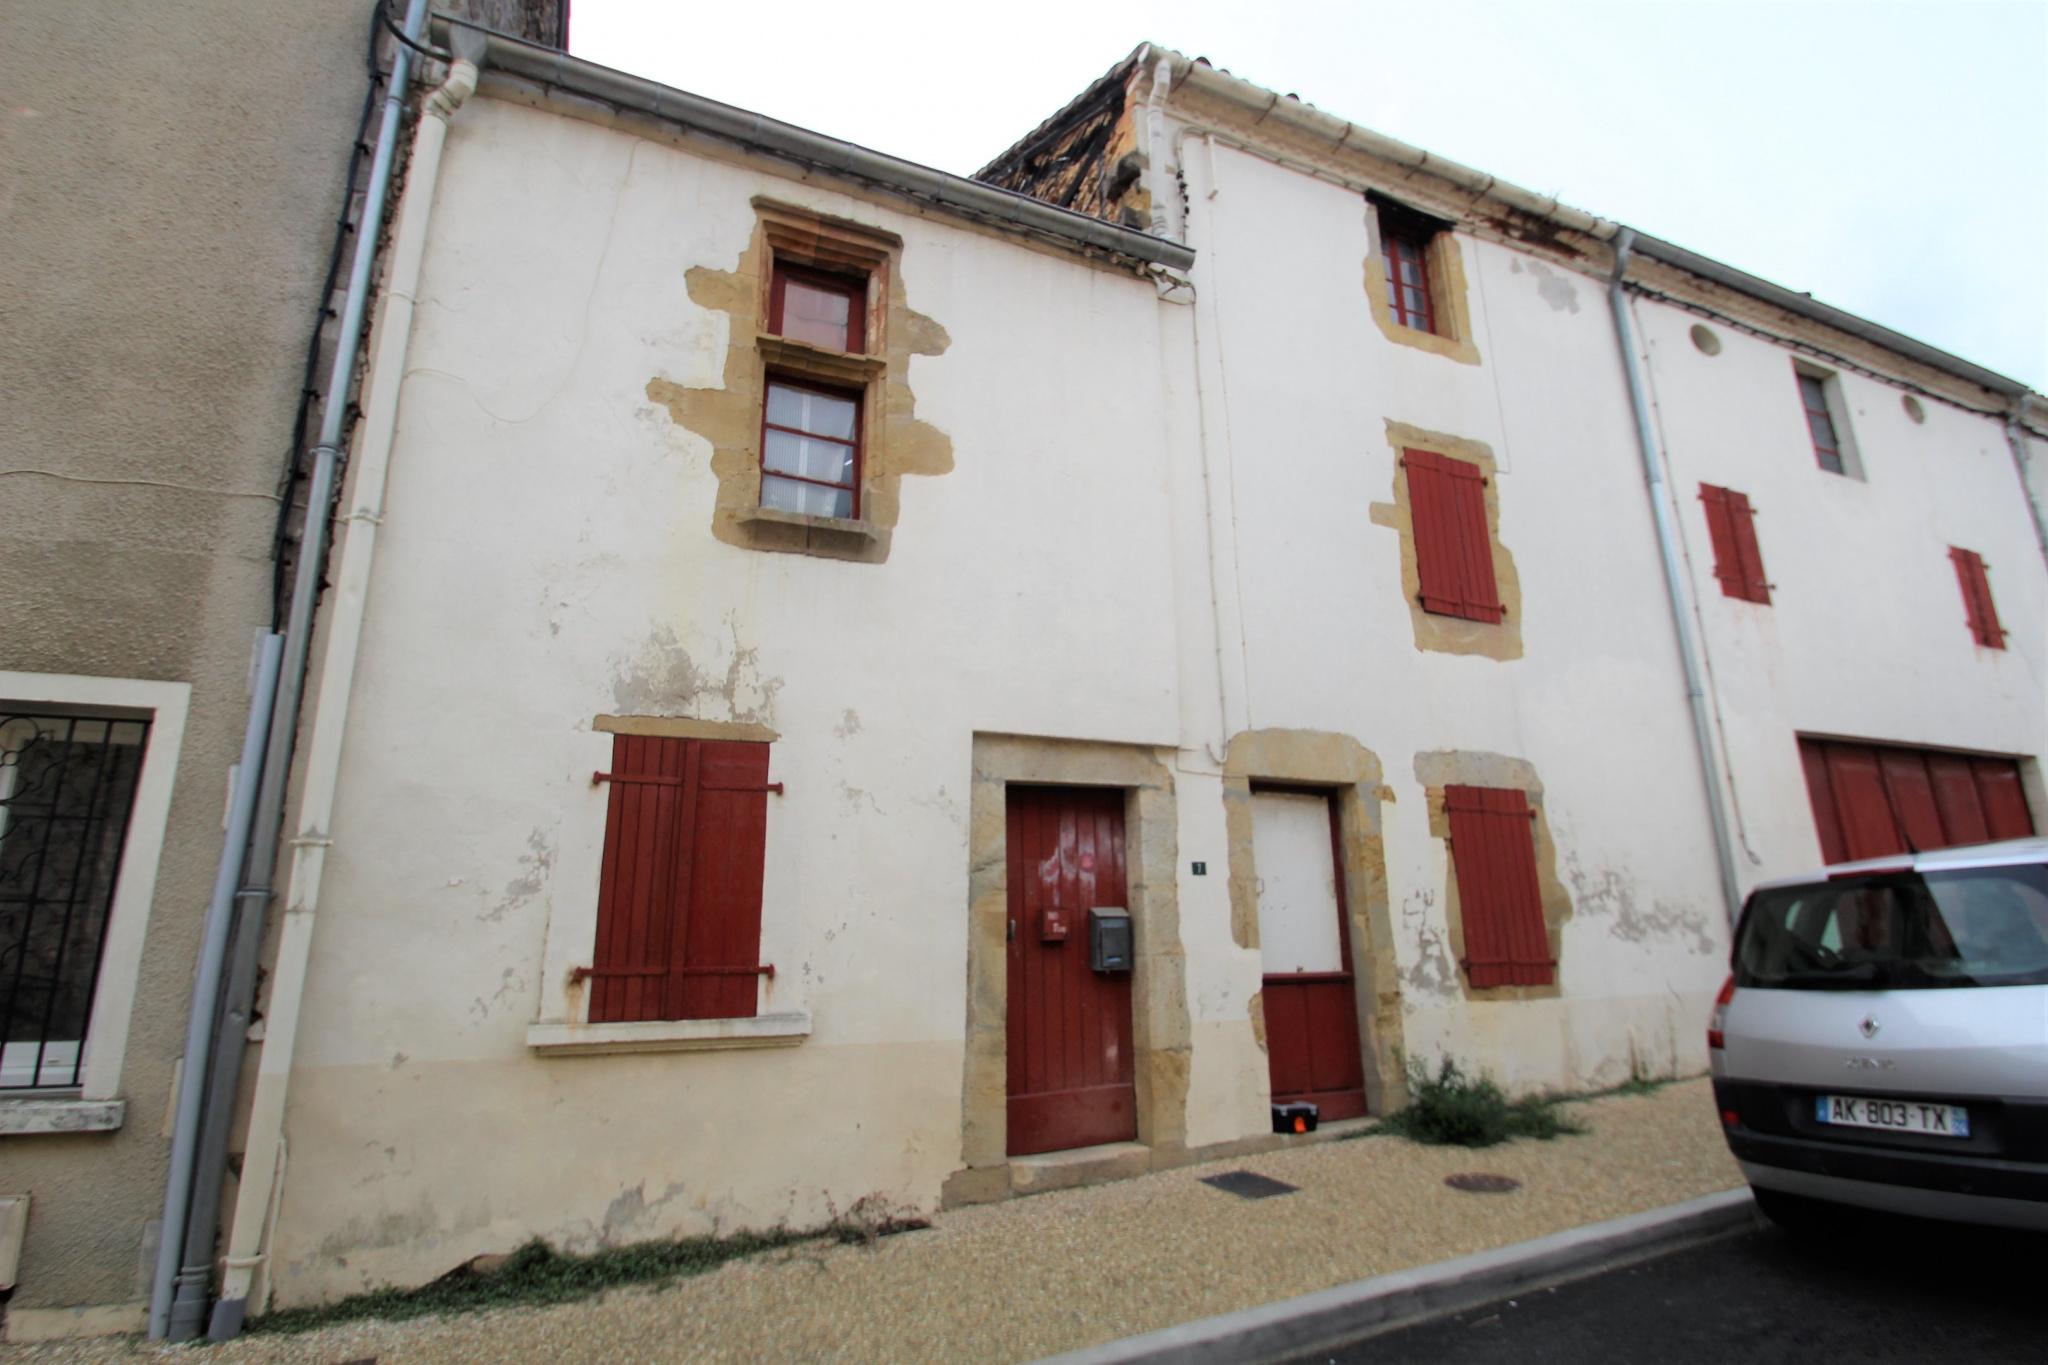 Vente maison/villa 4 pièces eugenie les bains 40320